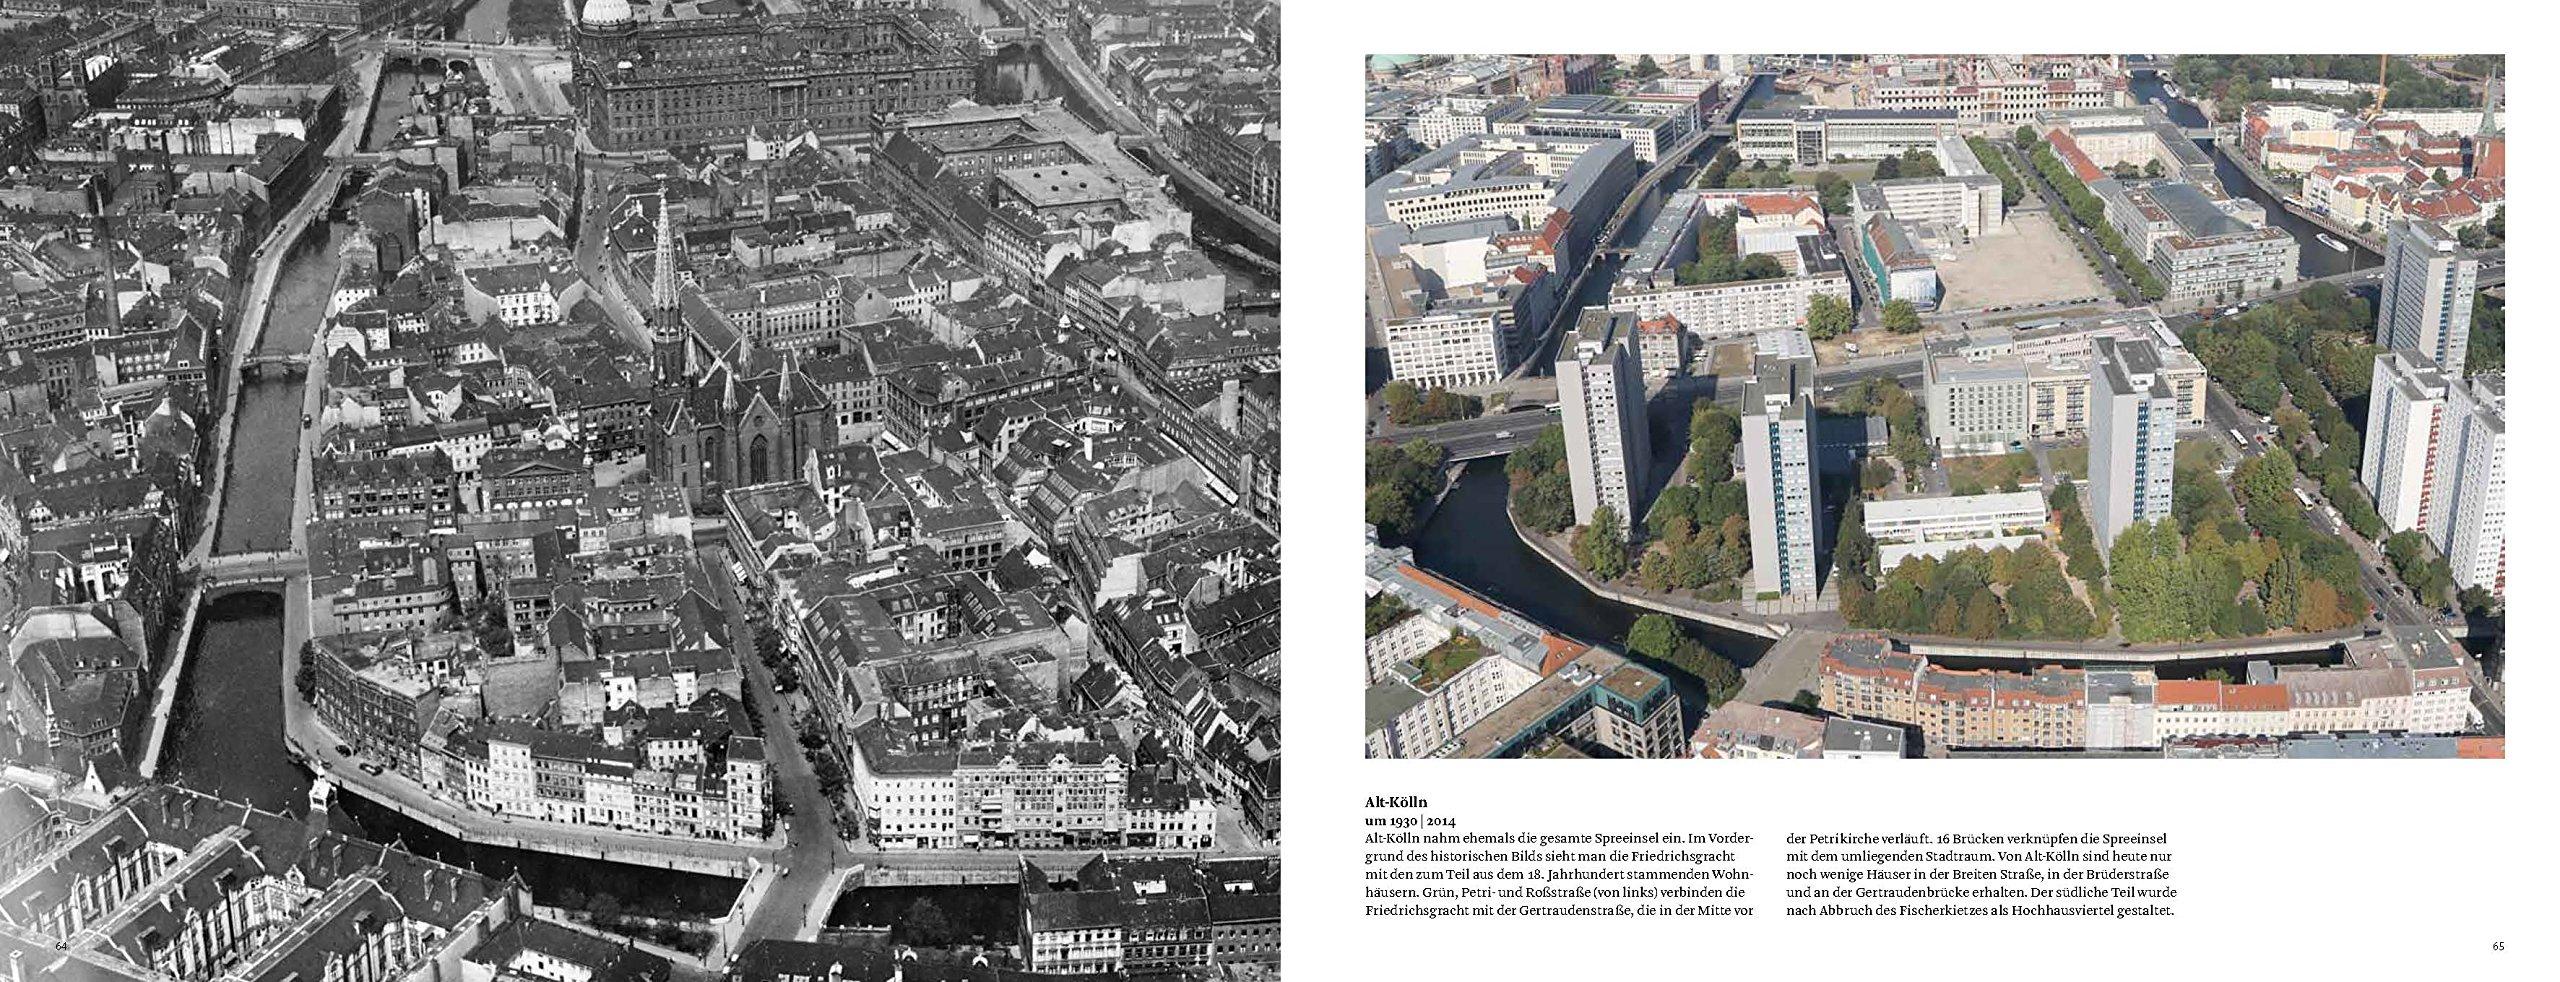 baumarkt berlin mitte berlin mitte urban industrial with baumarkt berlin mitte good views with. Black Bedroom Furniture Sets. Home Design Ideas